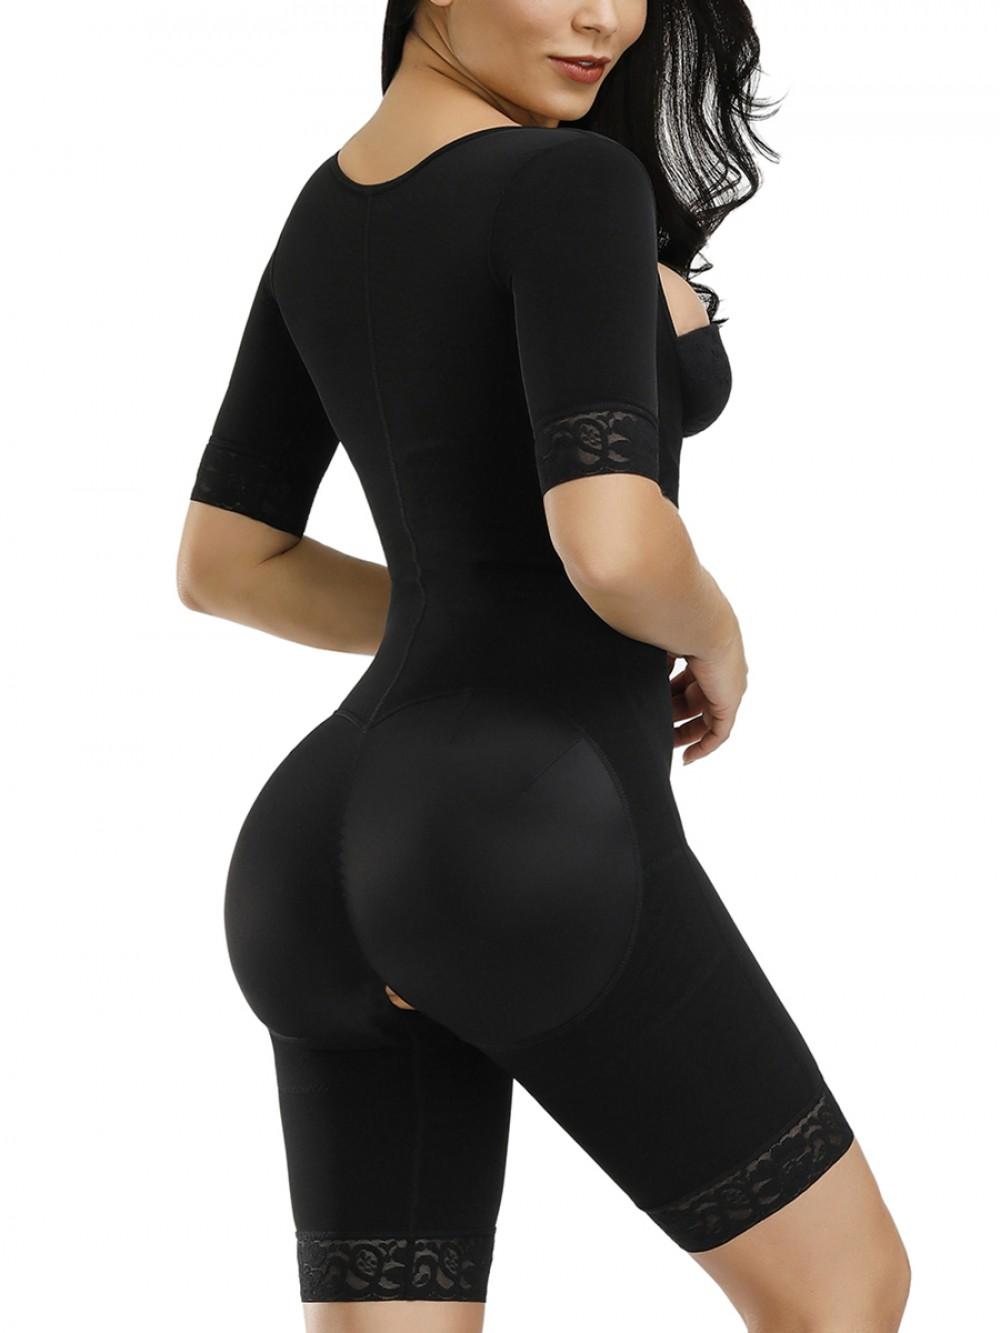 Black Butt Lifting Hooks Straps Full Body Shaper For Training